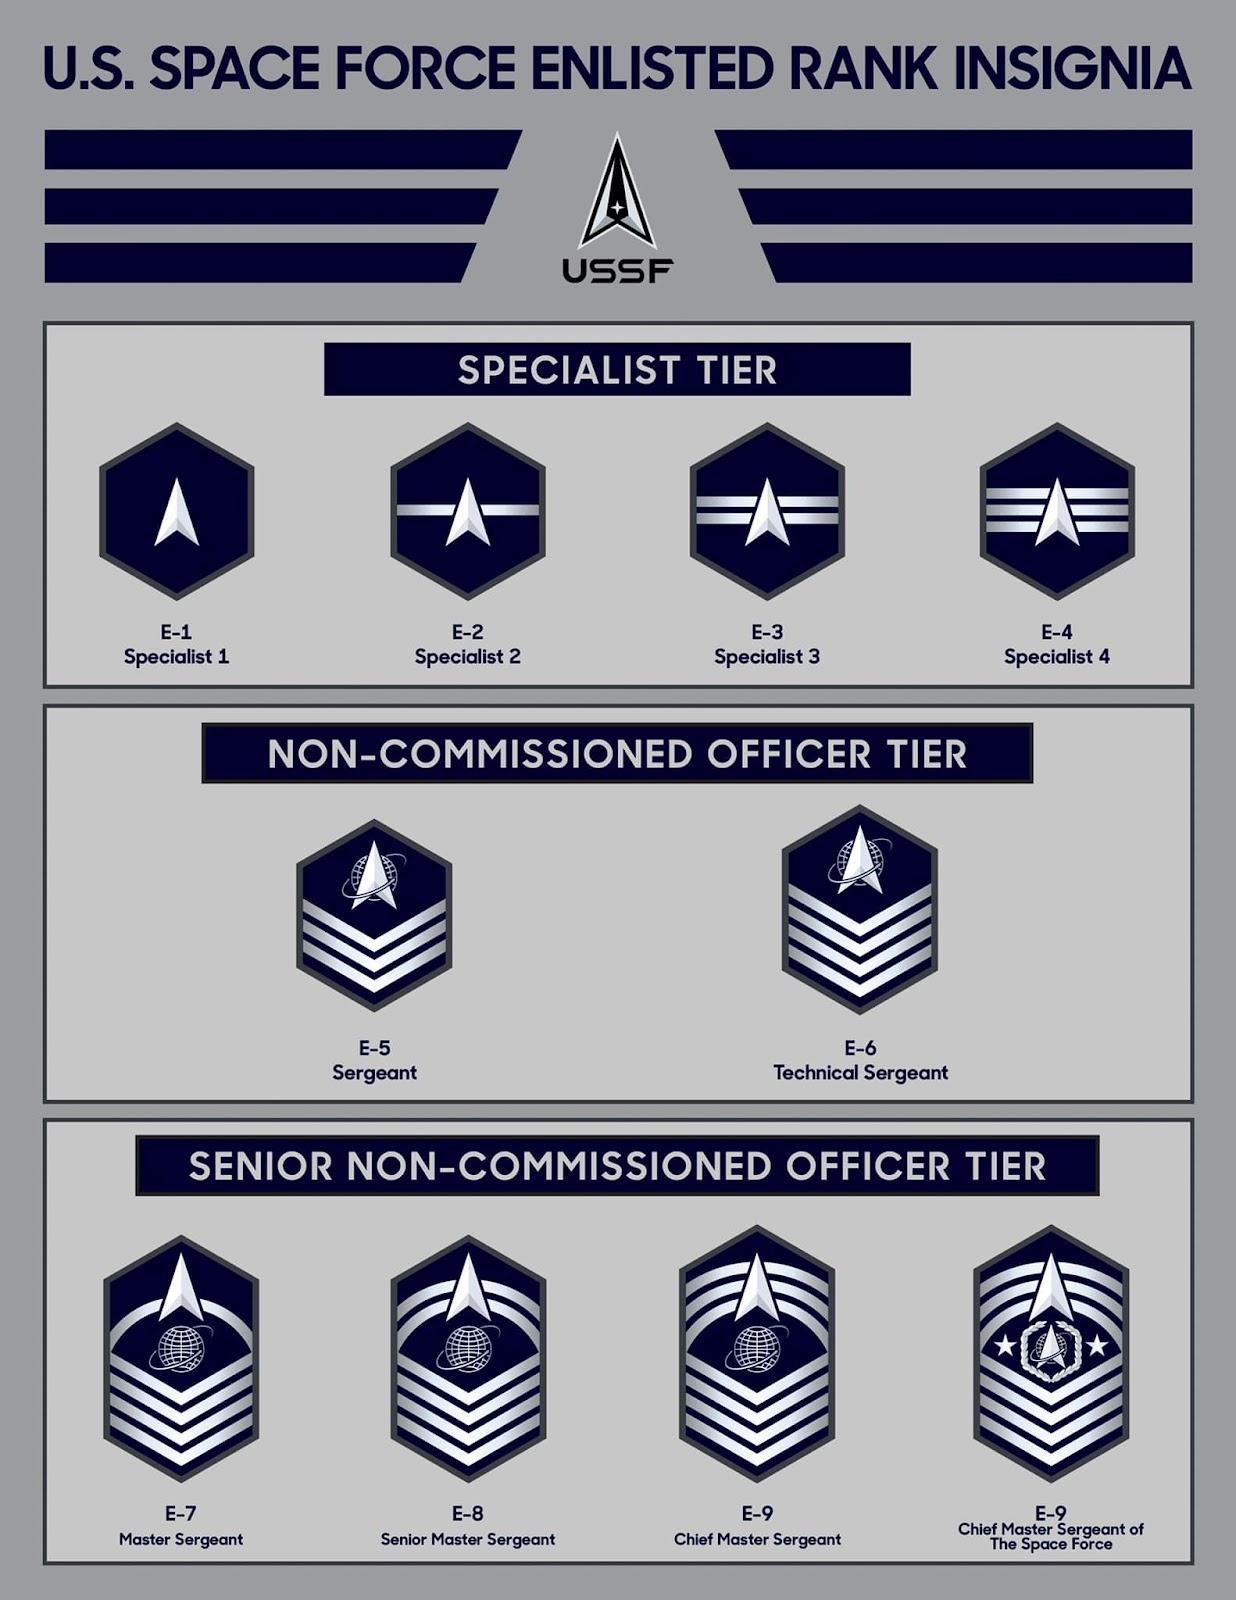 Космісні сили США отримали нарукавні знаки розрізнення